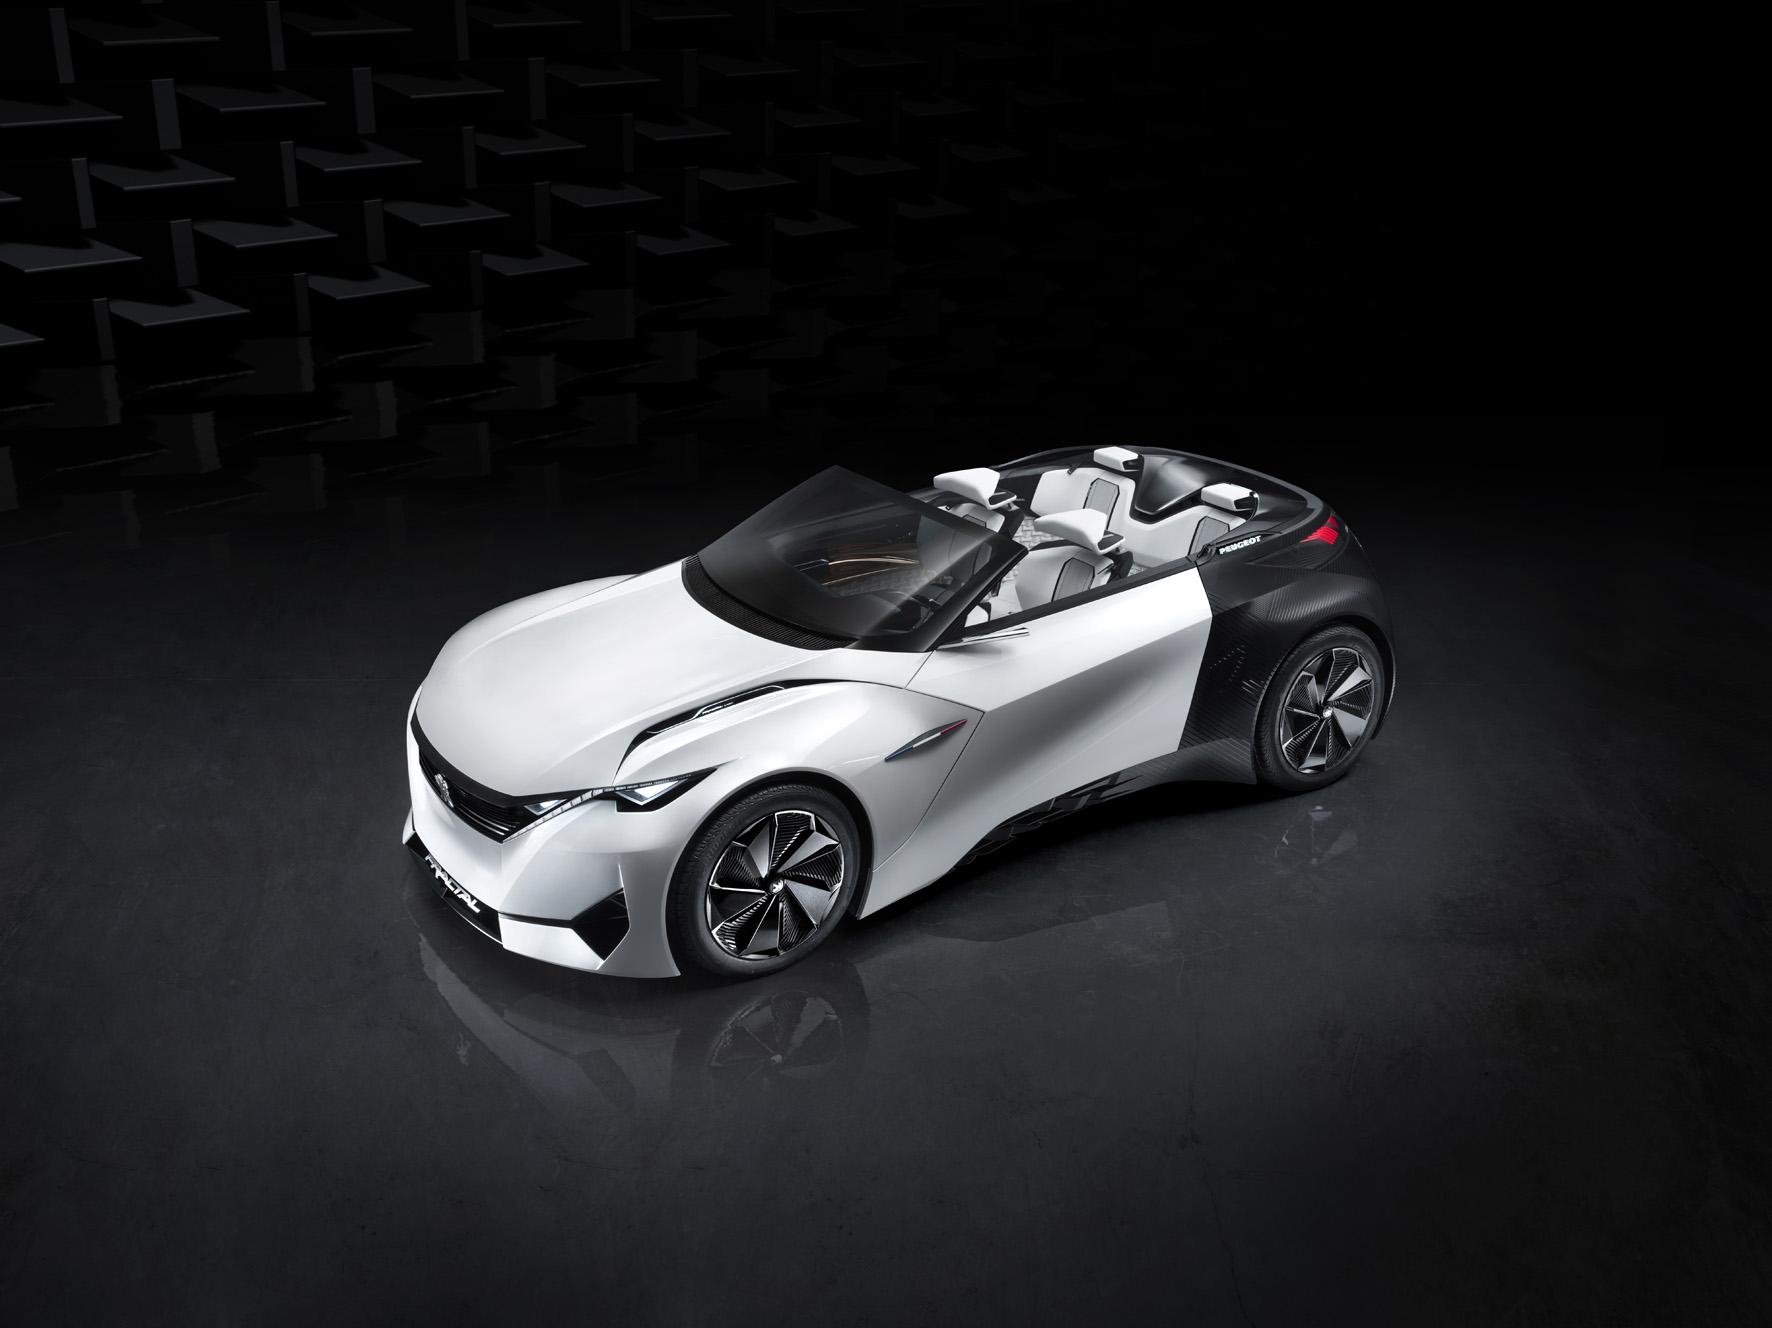 peugeot's instinct concept car is its vision of an autonomous near